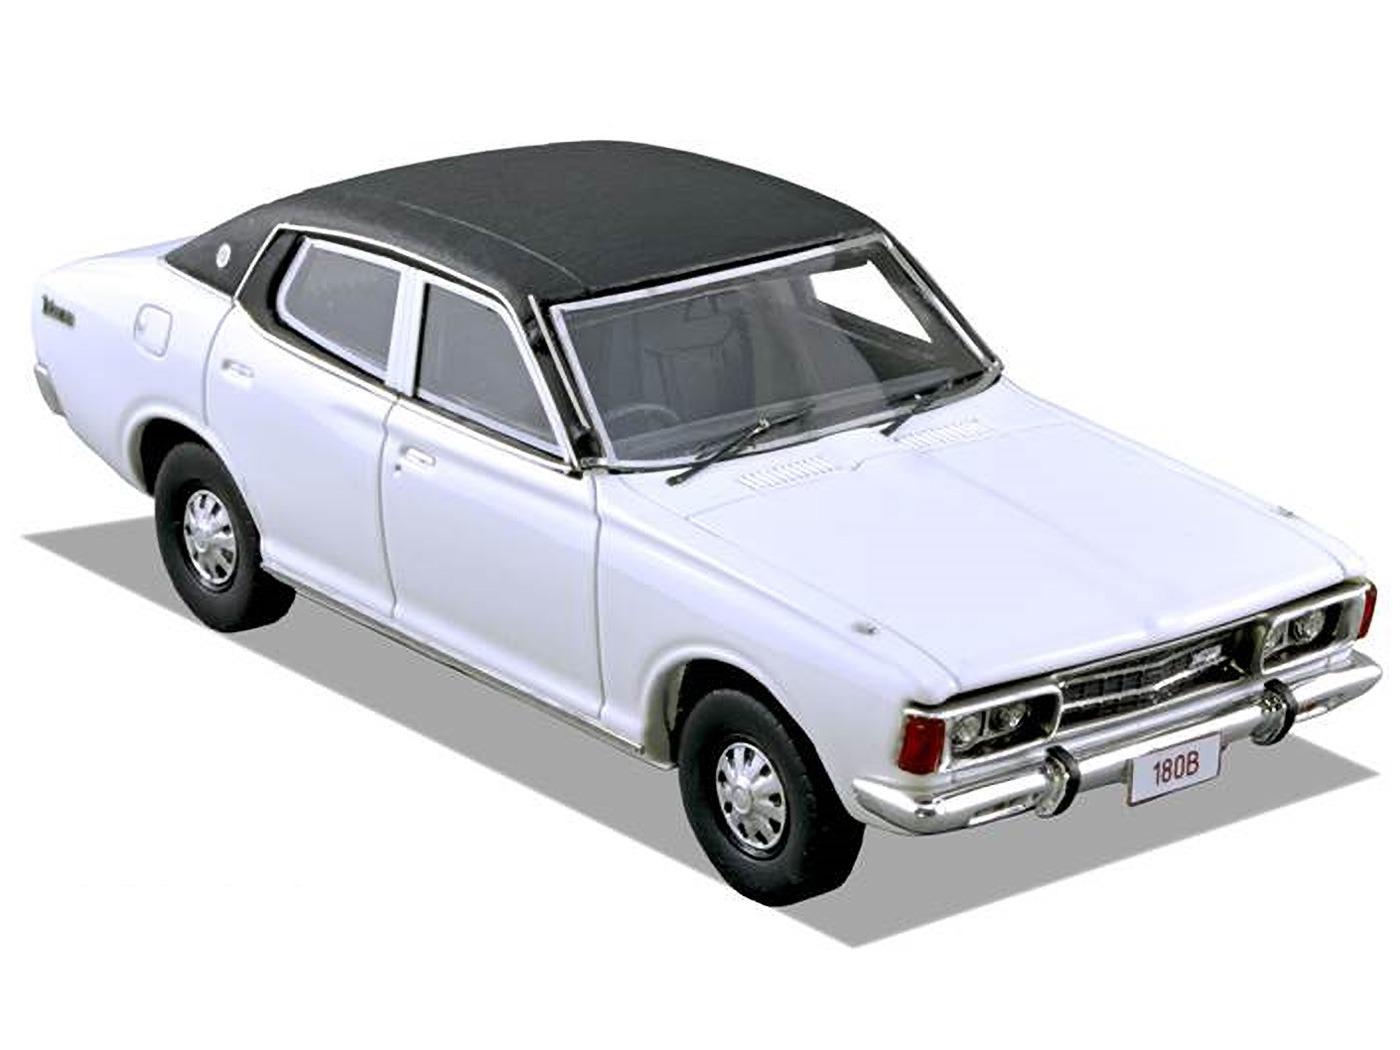 Datsun 180B – White / Black